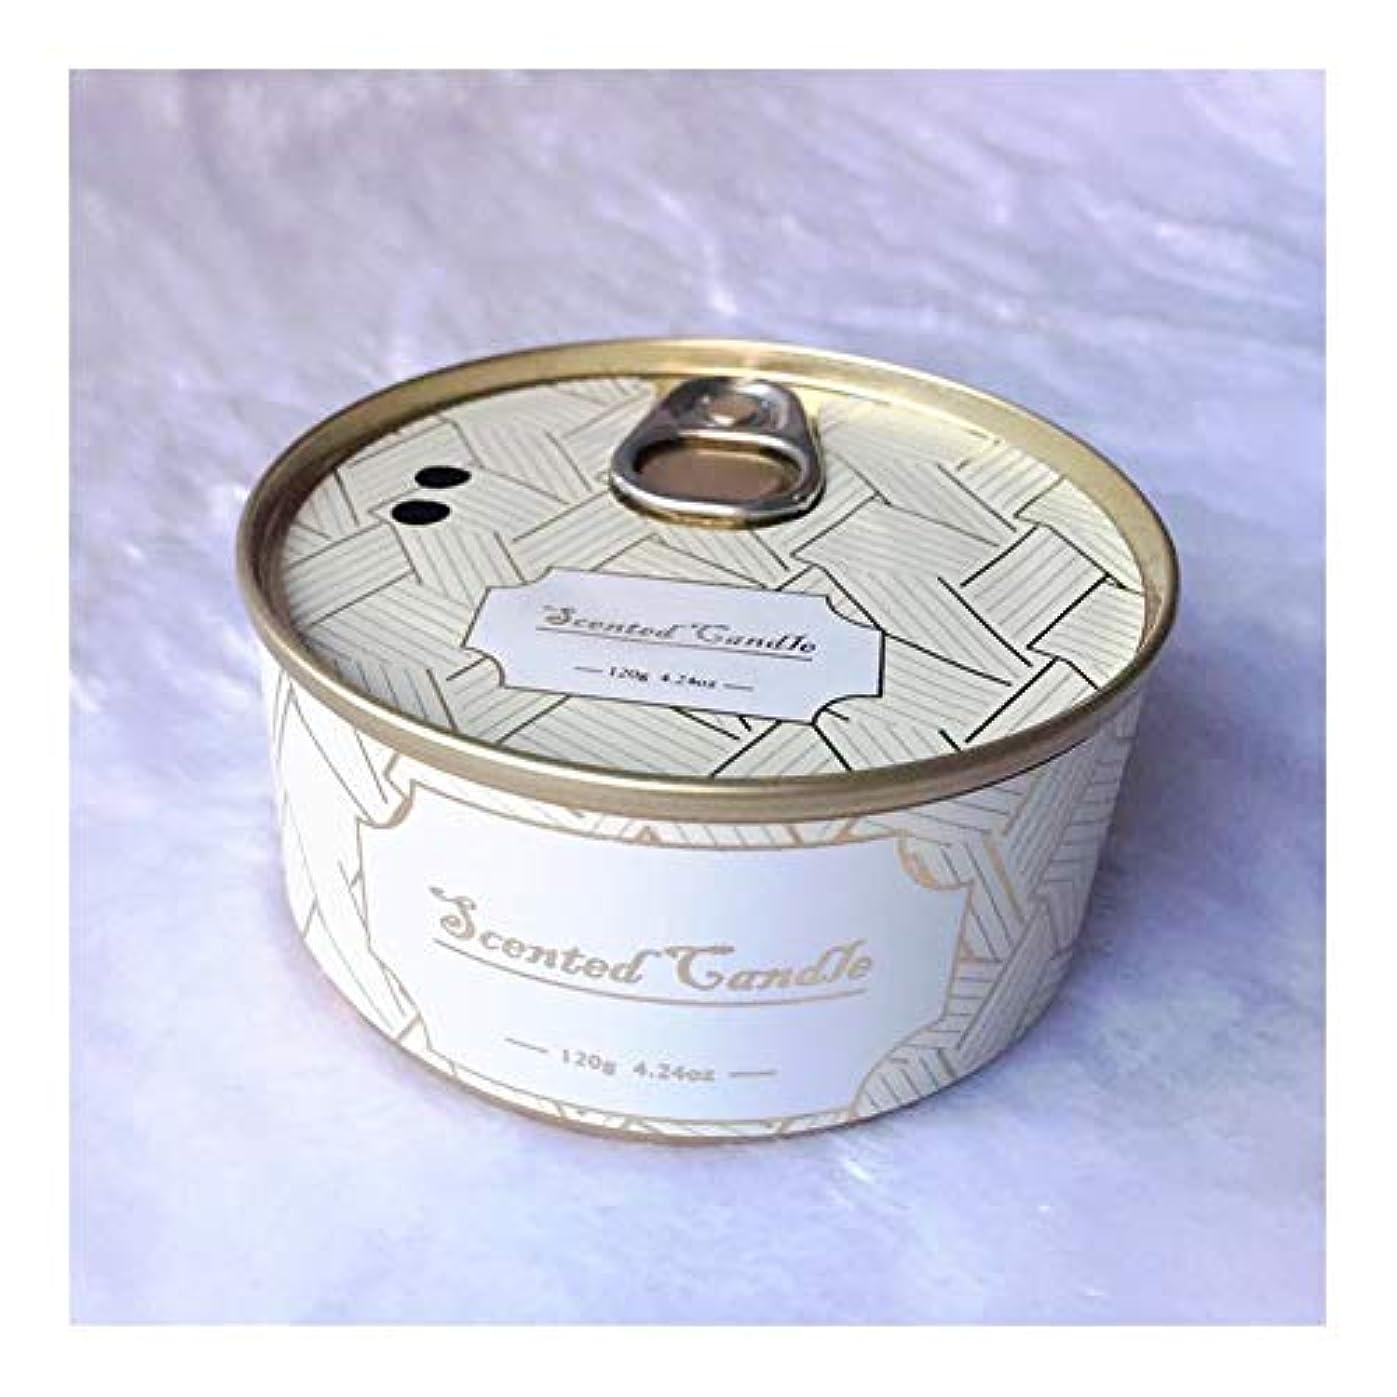 役職ラック払い戻しGuomao ブリキ缶植物エッセンシャルオイル大豆ワックスジュニパーラベンダーの香りのキャンドル (色 : Lavender)